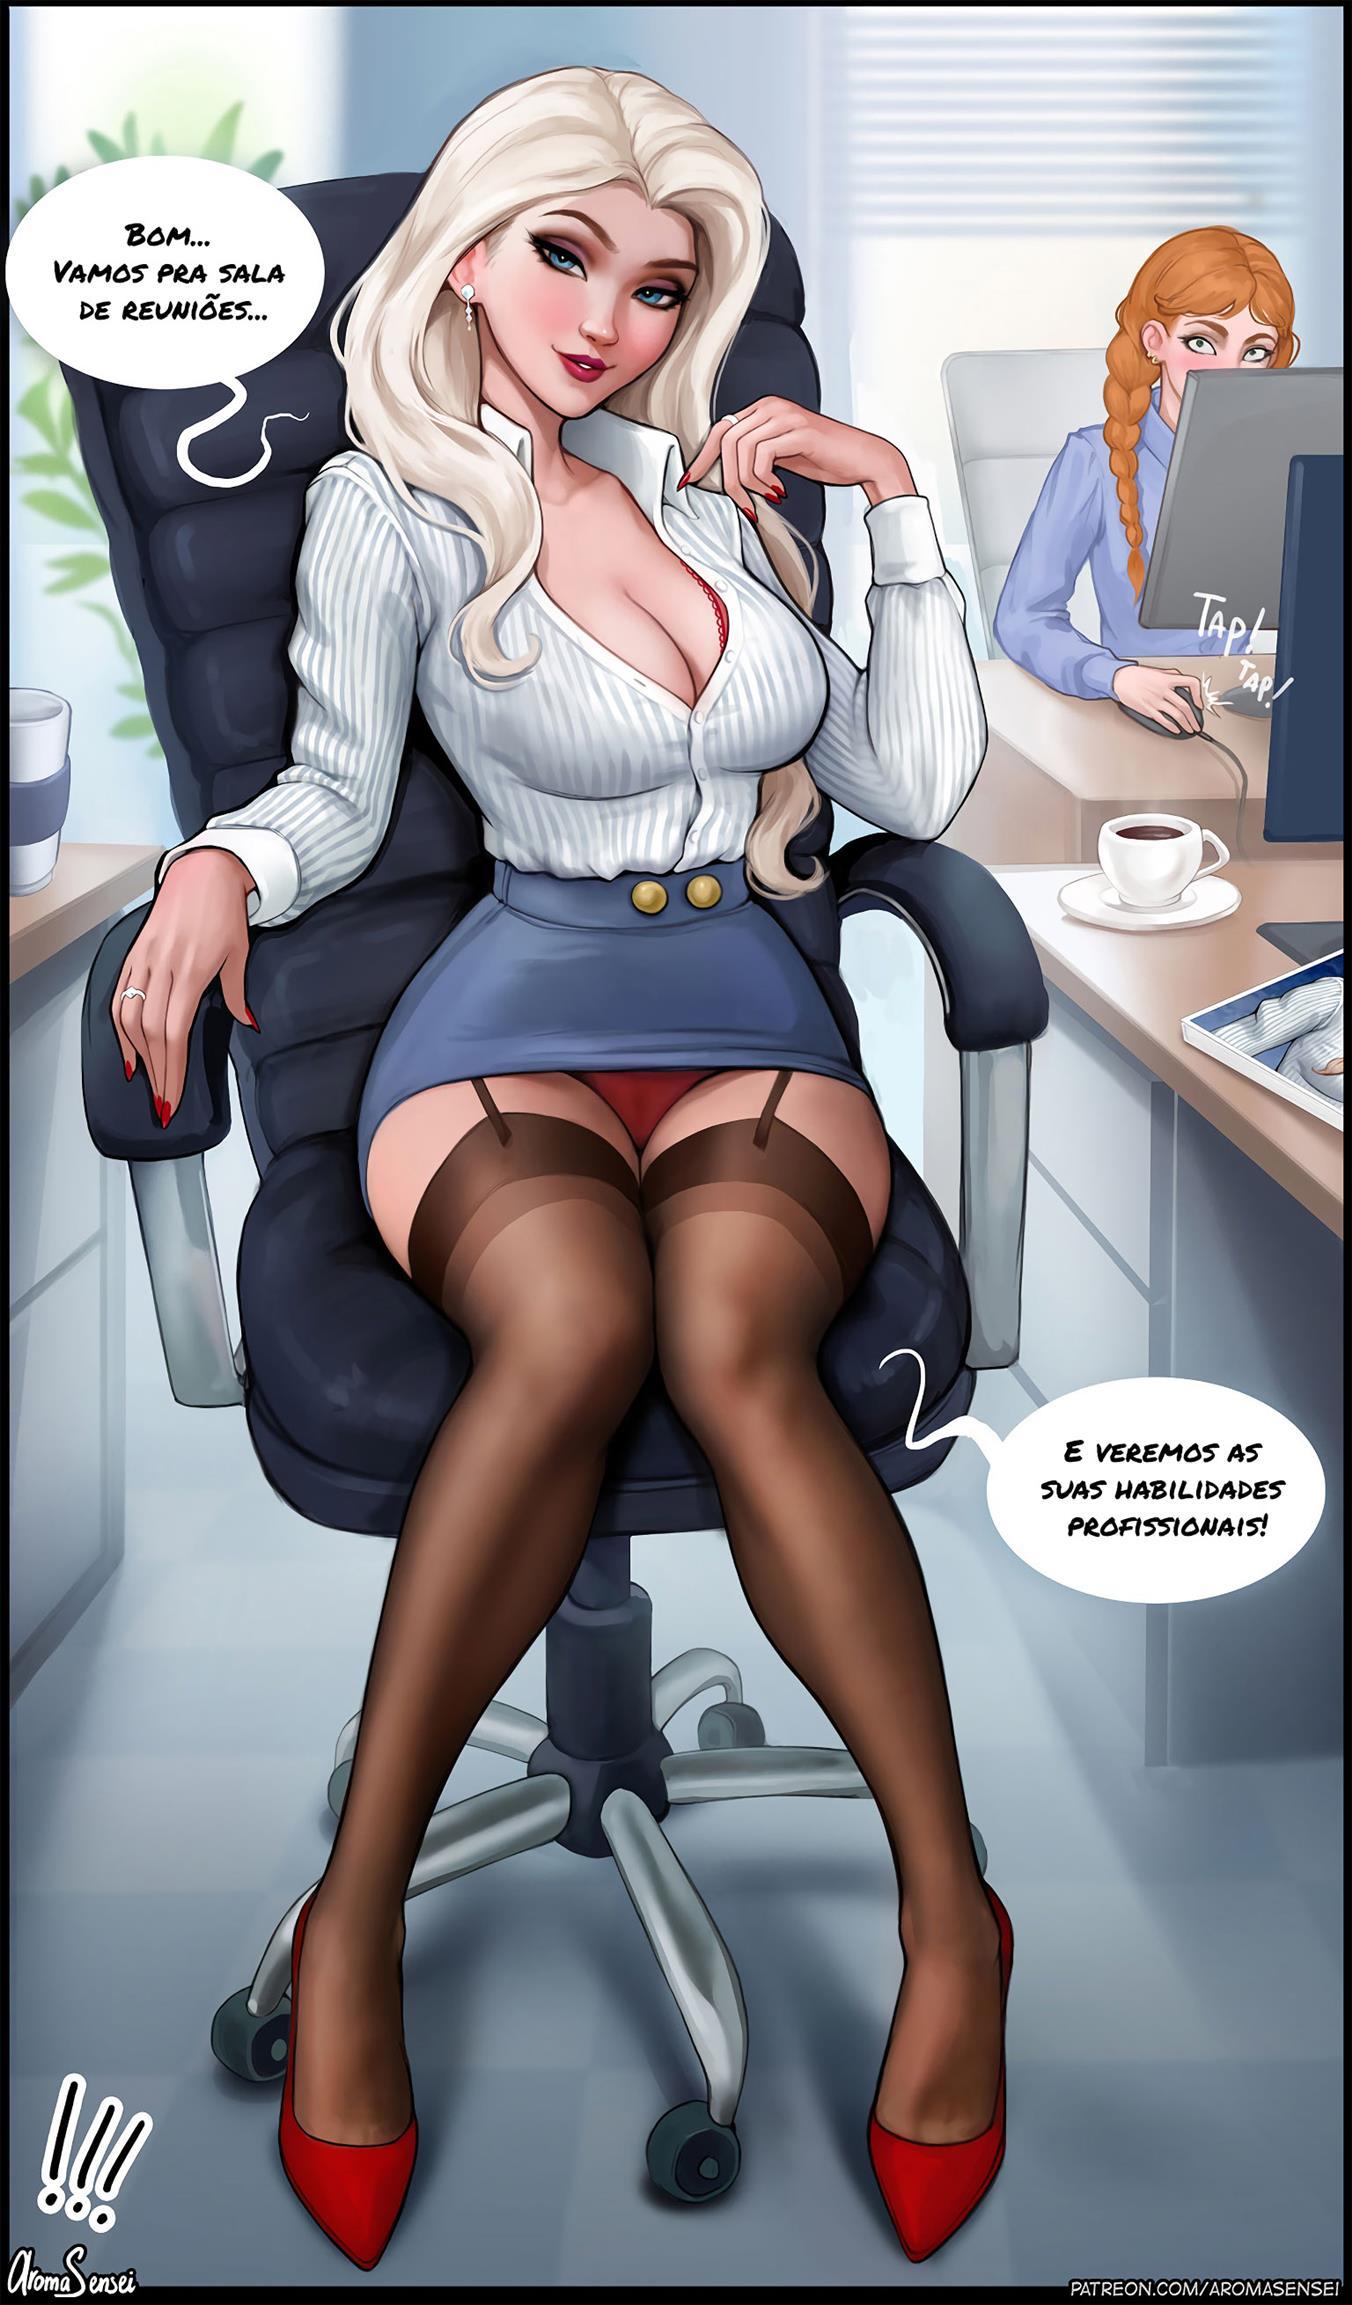 Entrevista de emprego com Elsa